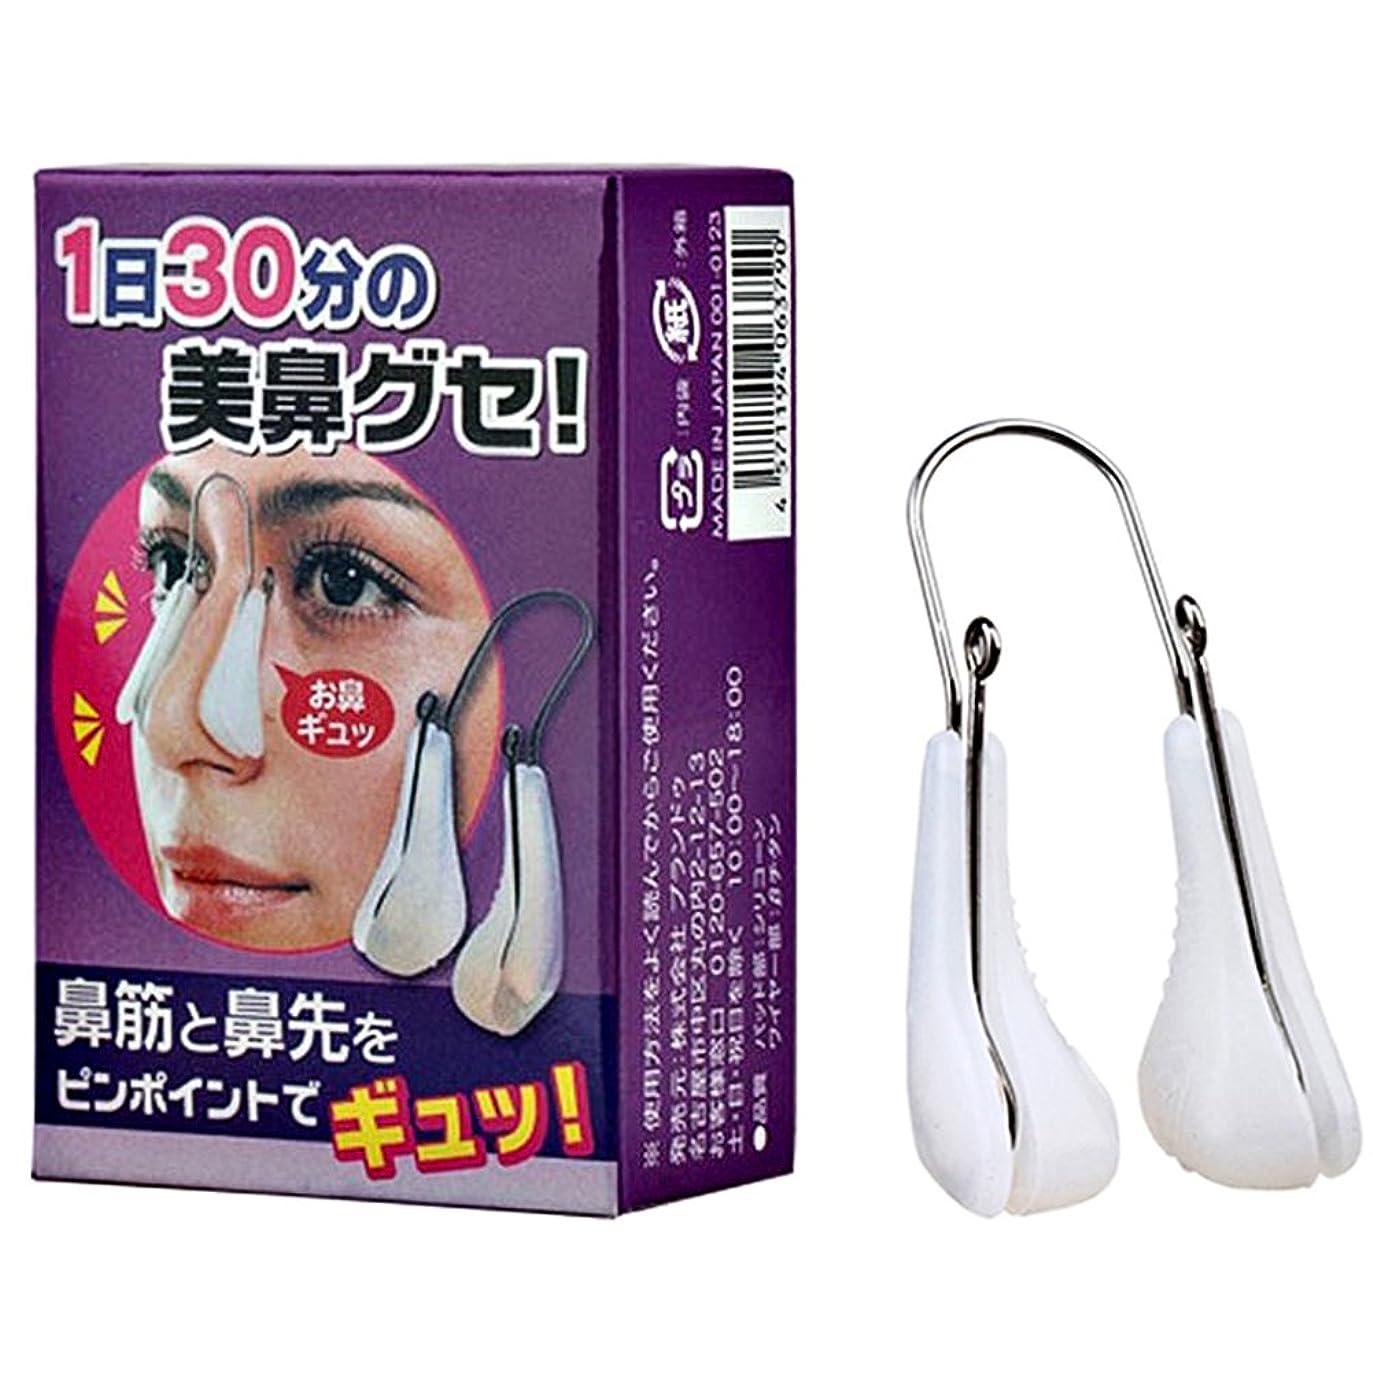 内向き厚くする品揃え鼻筋ビューティー 鼻クリップ 鼻矯正 鼻美容 1日30分 美鼻ケア